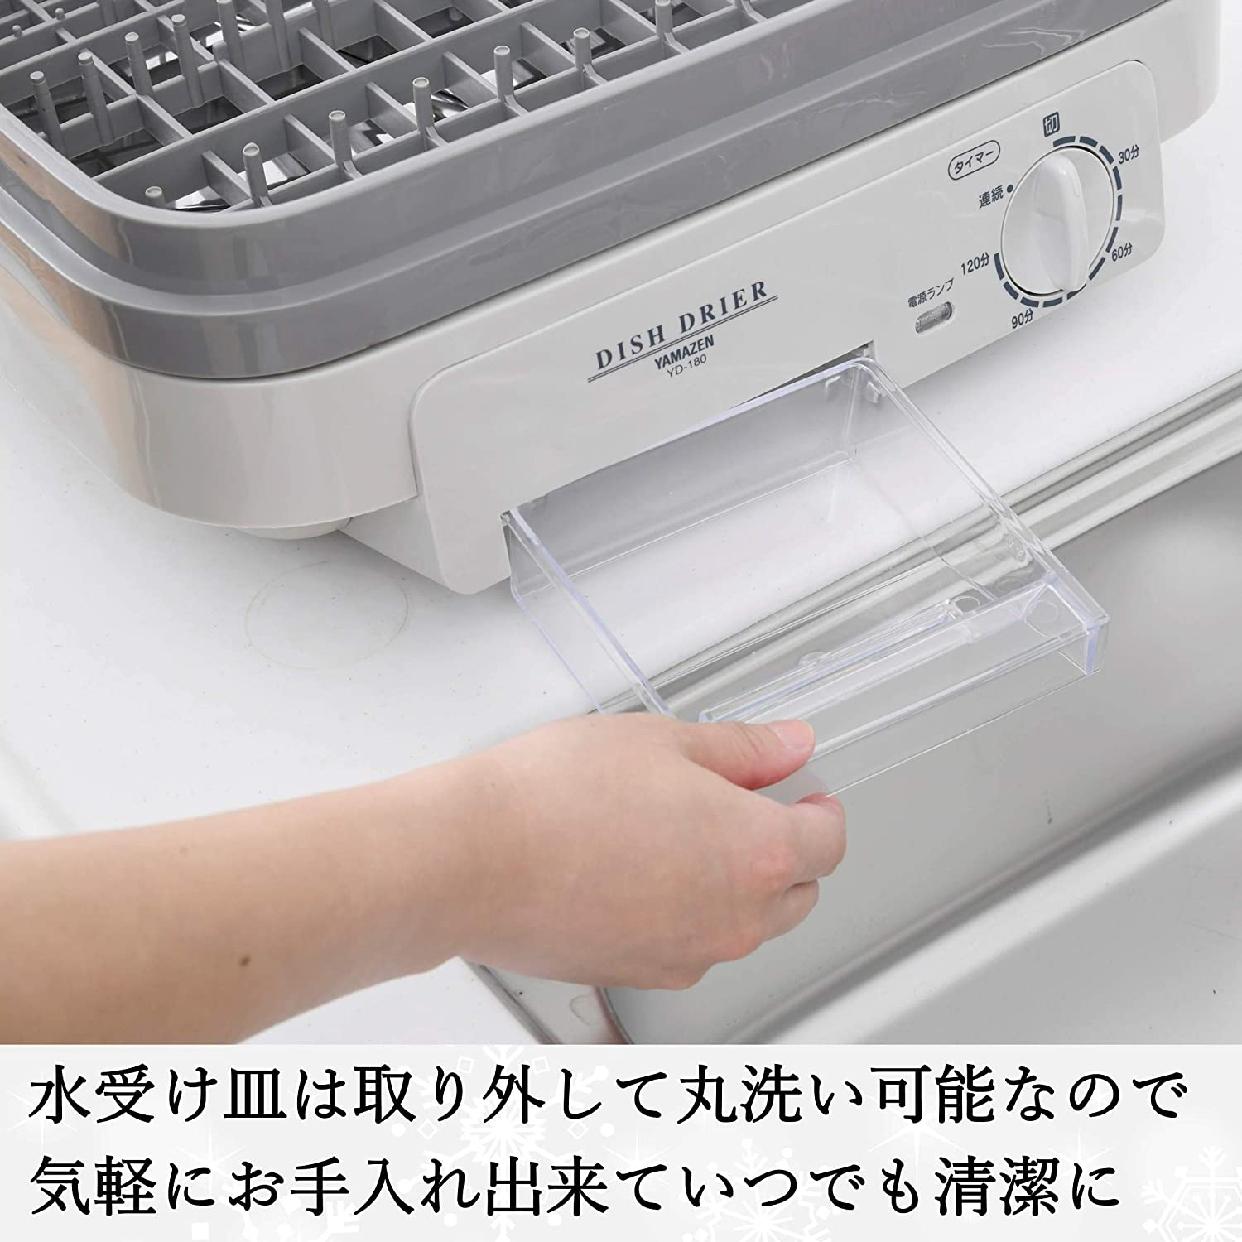 山善(YAMAZEN) 食器乾燥機 YD-180の商品画像5